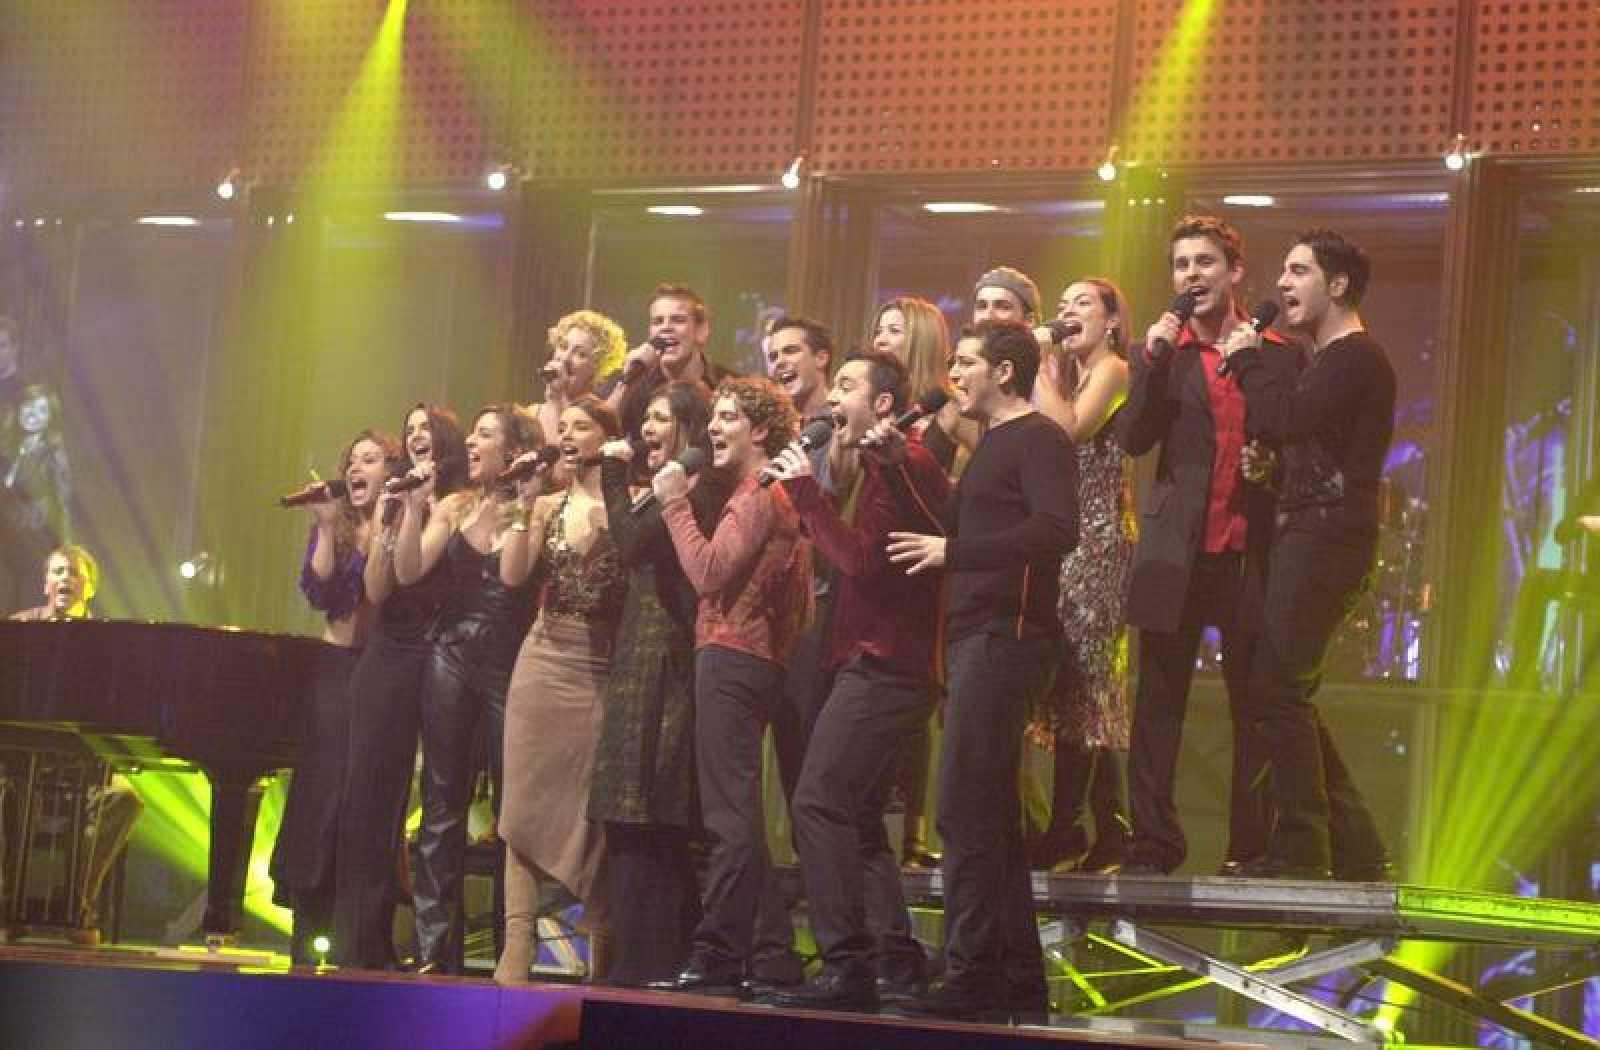 'Operación Triunfo', el gran éxito de la televisión, próximamente de nuevo en La 1